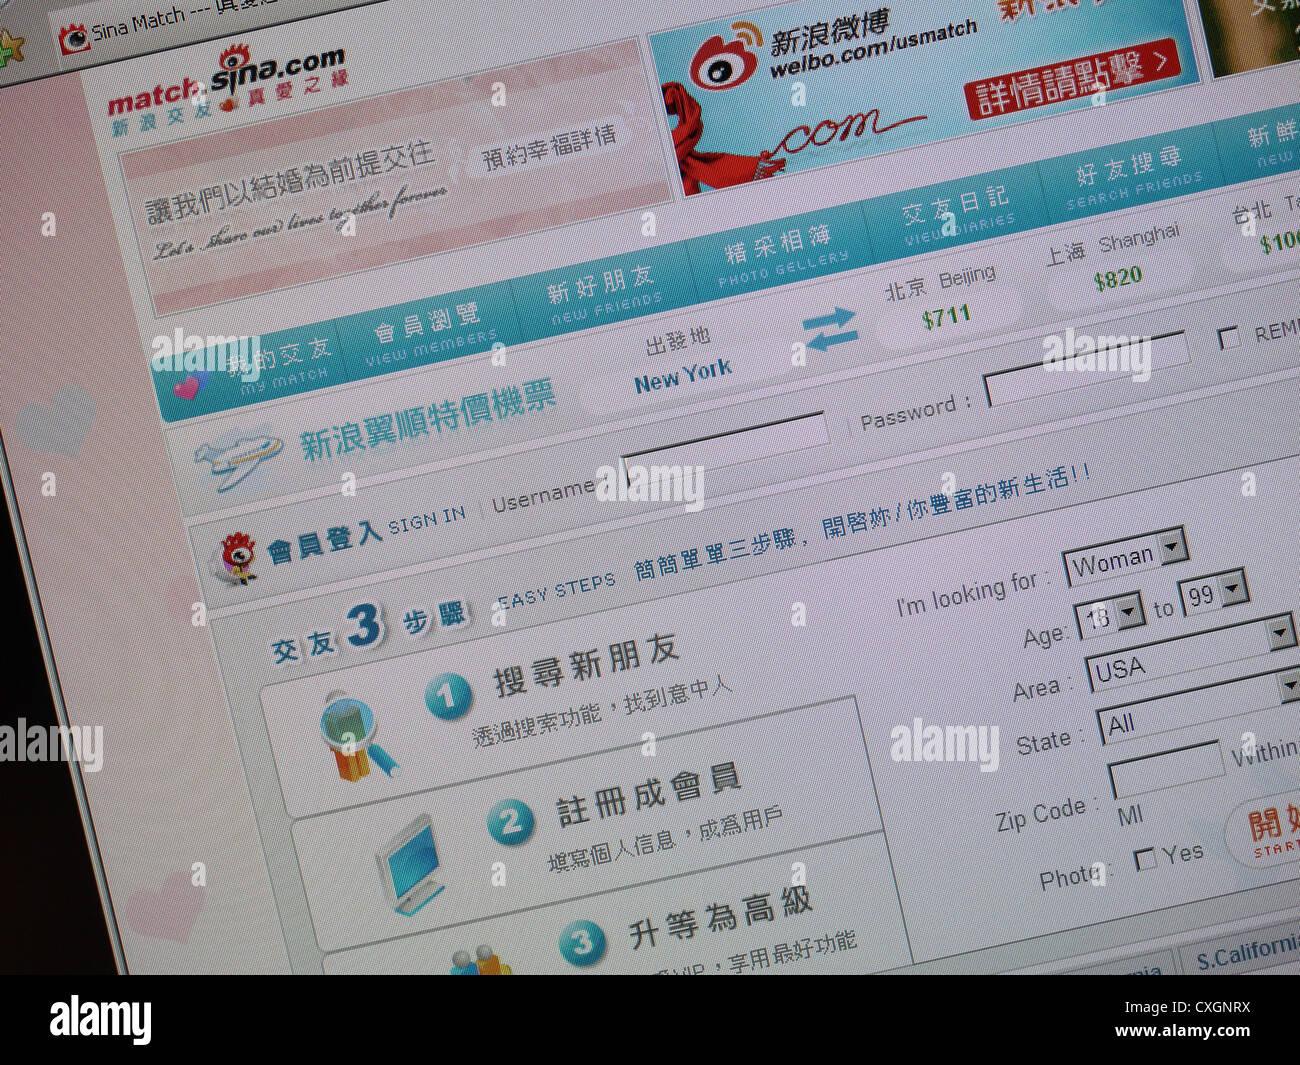 China 100 gratis dating site journalisten dating elkaar